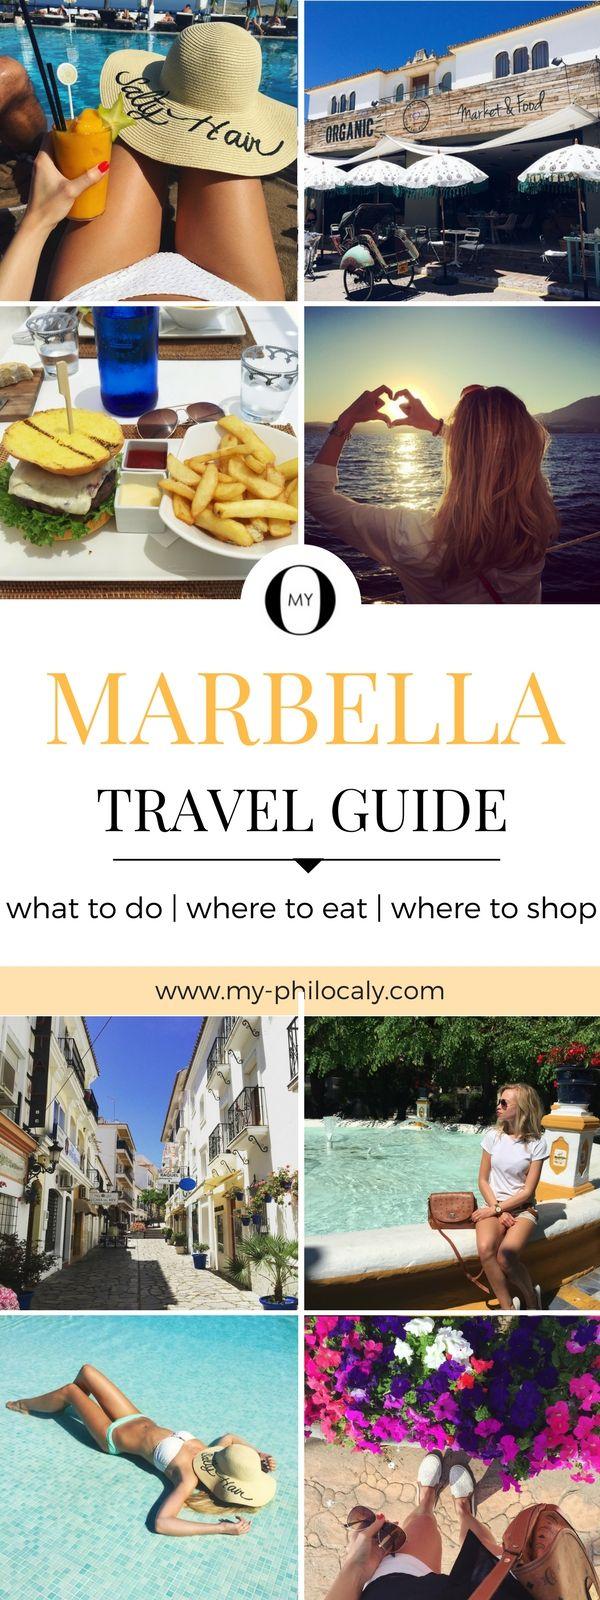 Entdecke Marbella! Was du unbedingt unternehmen solltest, wo man am besten essen kann und wo du am besten shoppen kannst, erfährst du in diesem Marbella Travel Guide. Sightseeing, Shopping, Restaurants in Marbella und Umgebung.